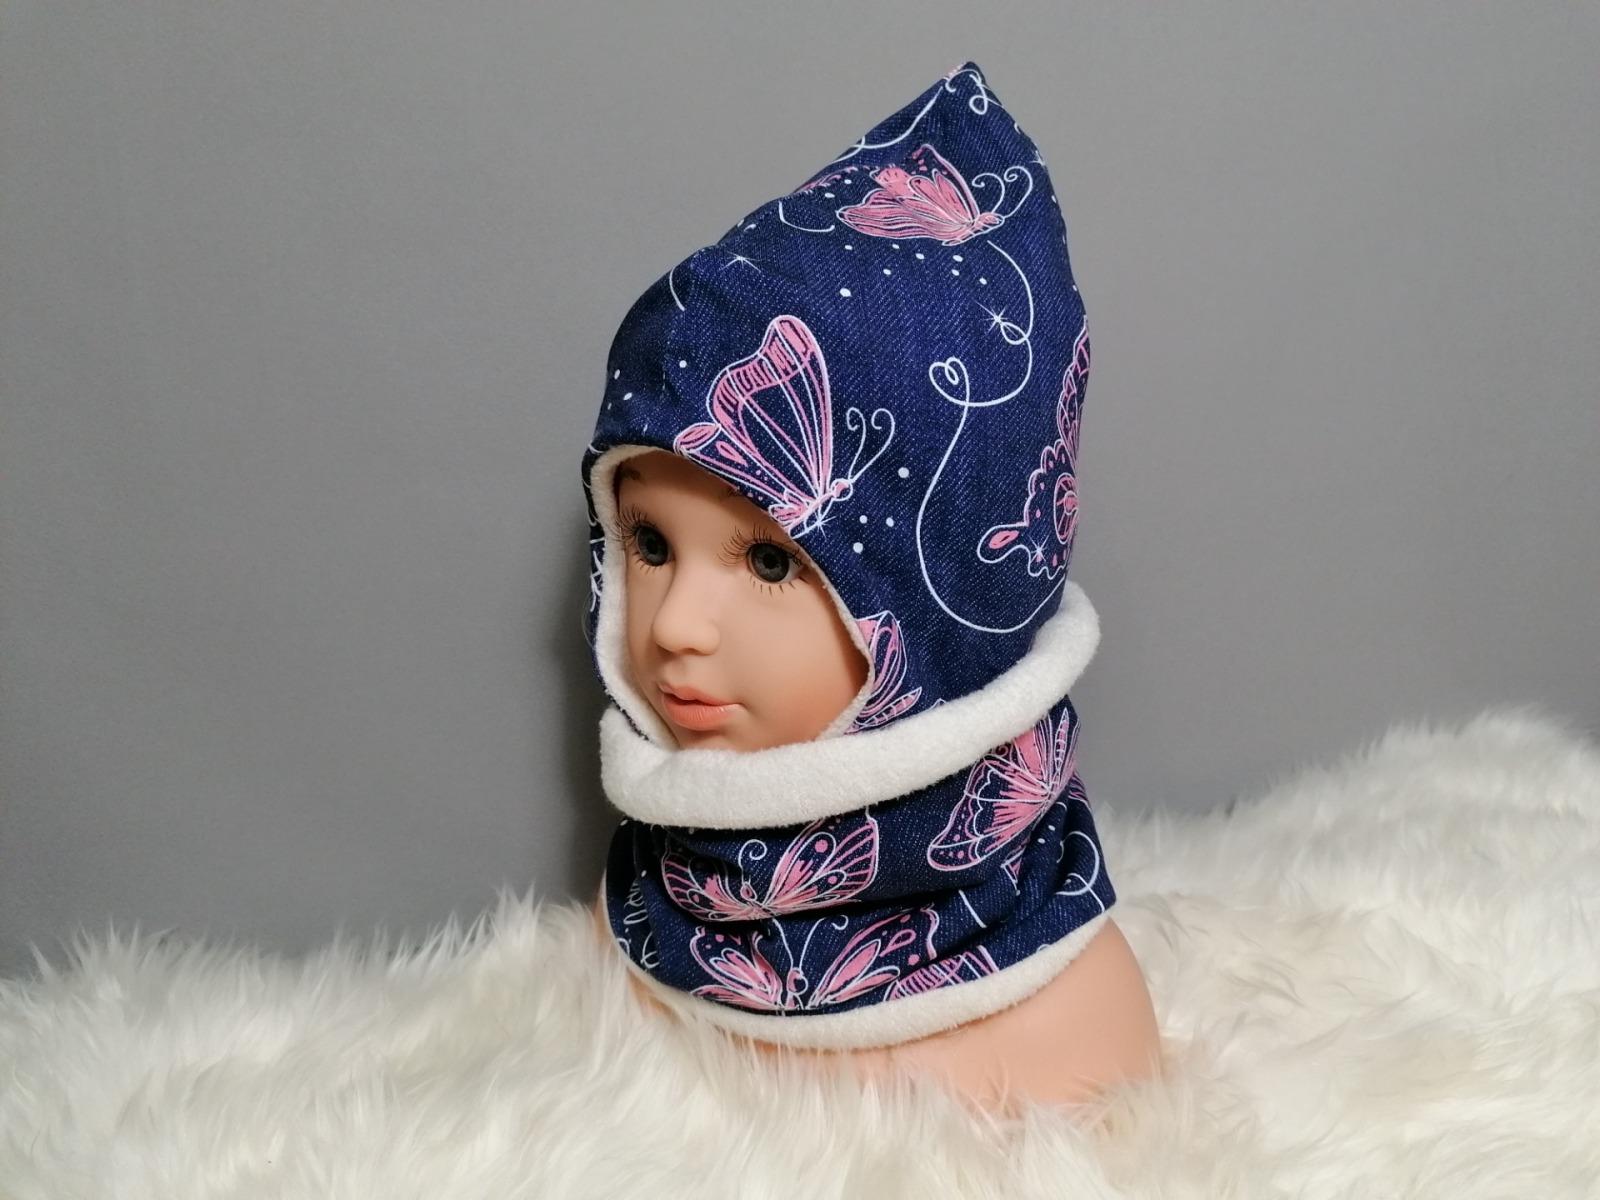 Ohrenmütze Zipfelmütze für Babys und Kinder